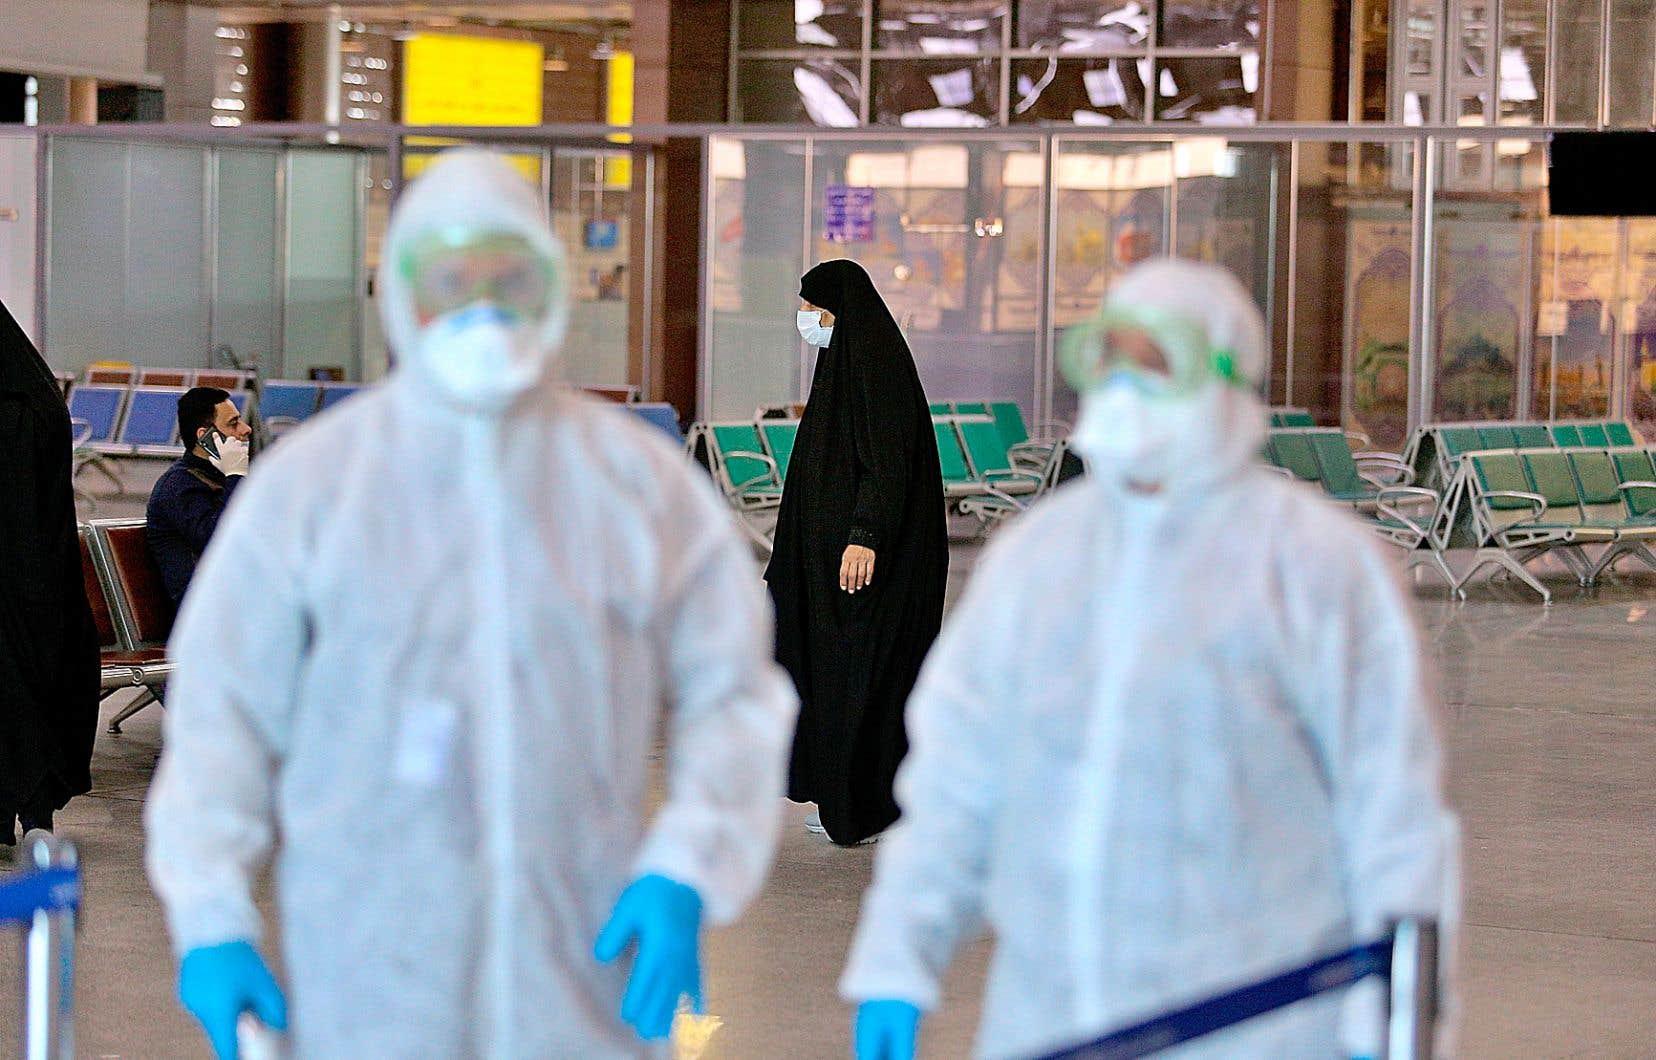 Le coronavirus a fait quatre morts en Iran depuis l'apparition des premiers cas d'infection.